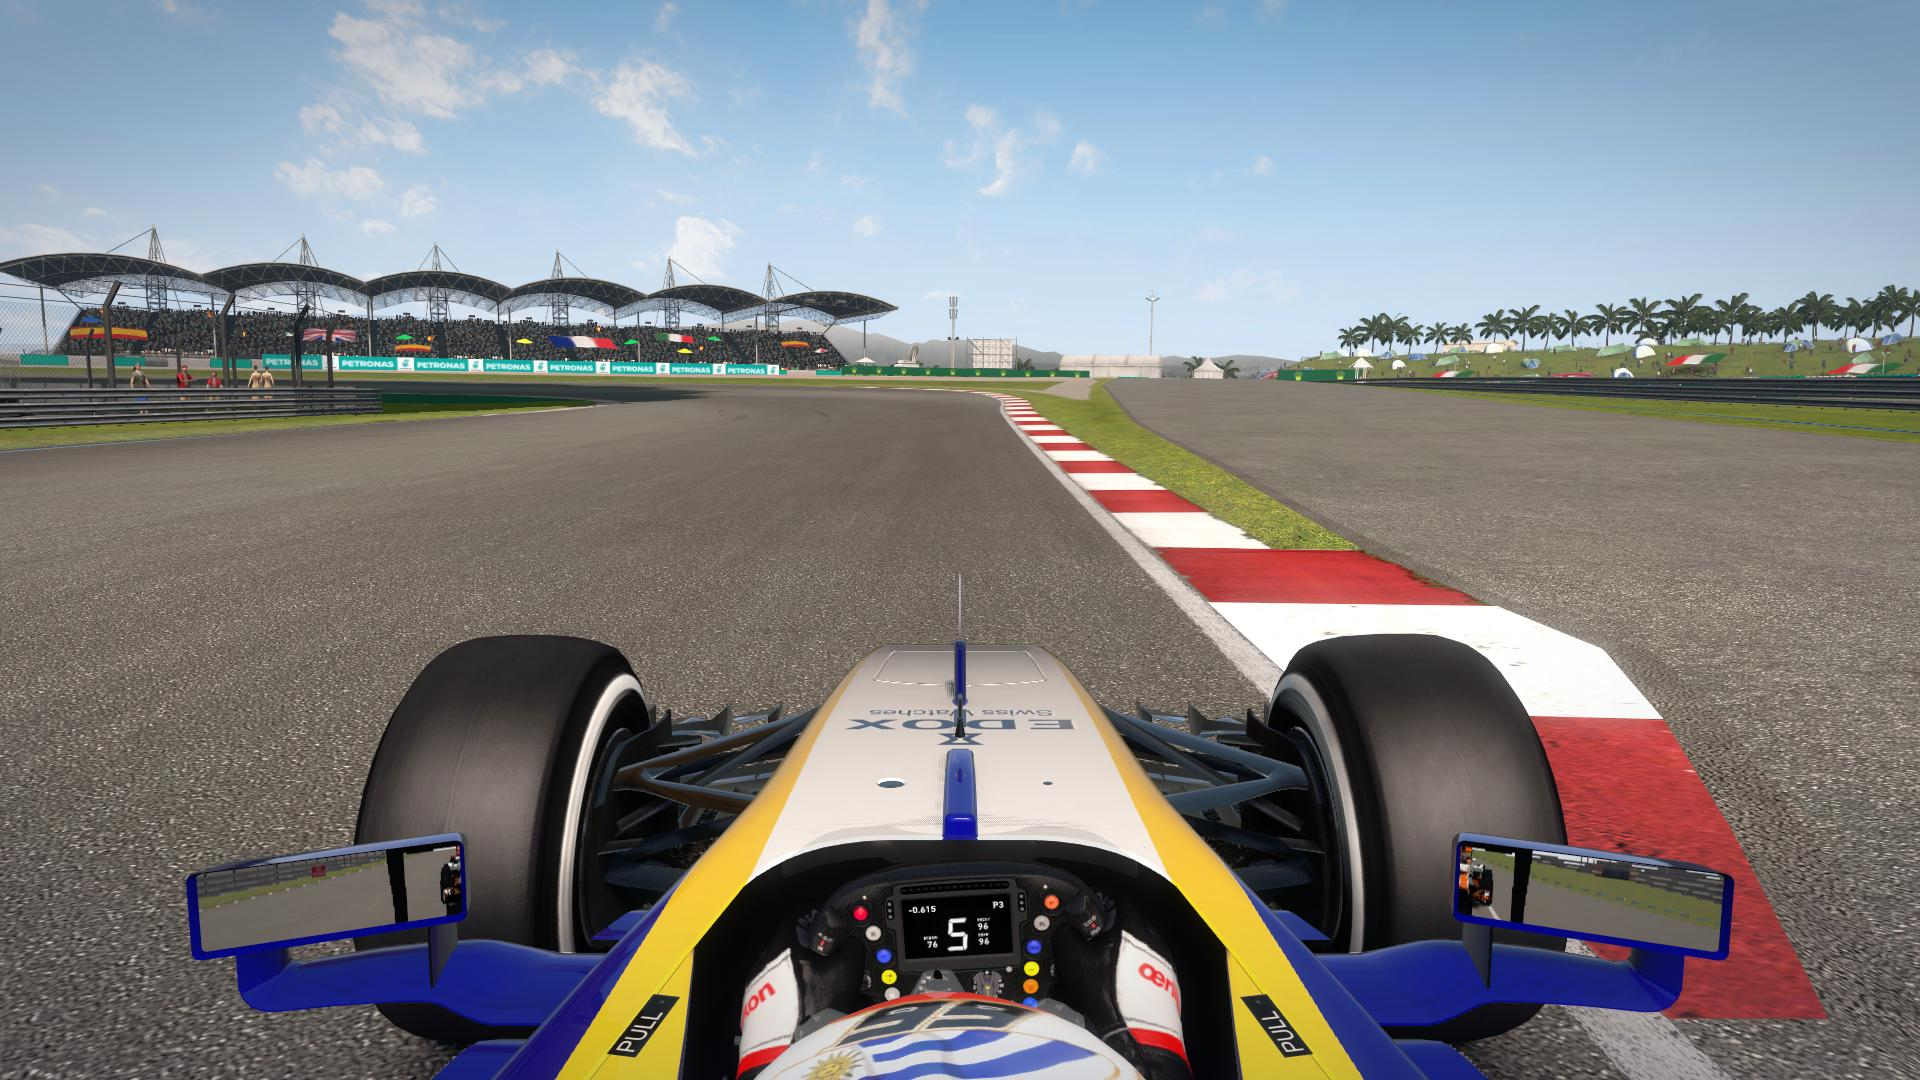 F1_2014 2017-03-18 16-04-53-46.jpg